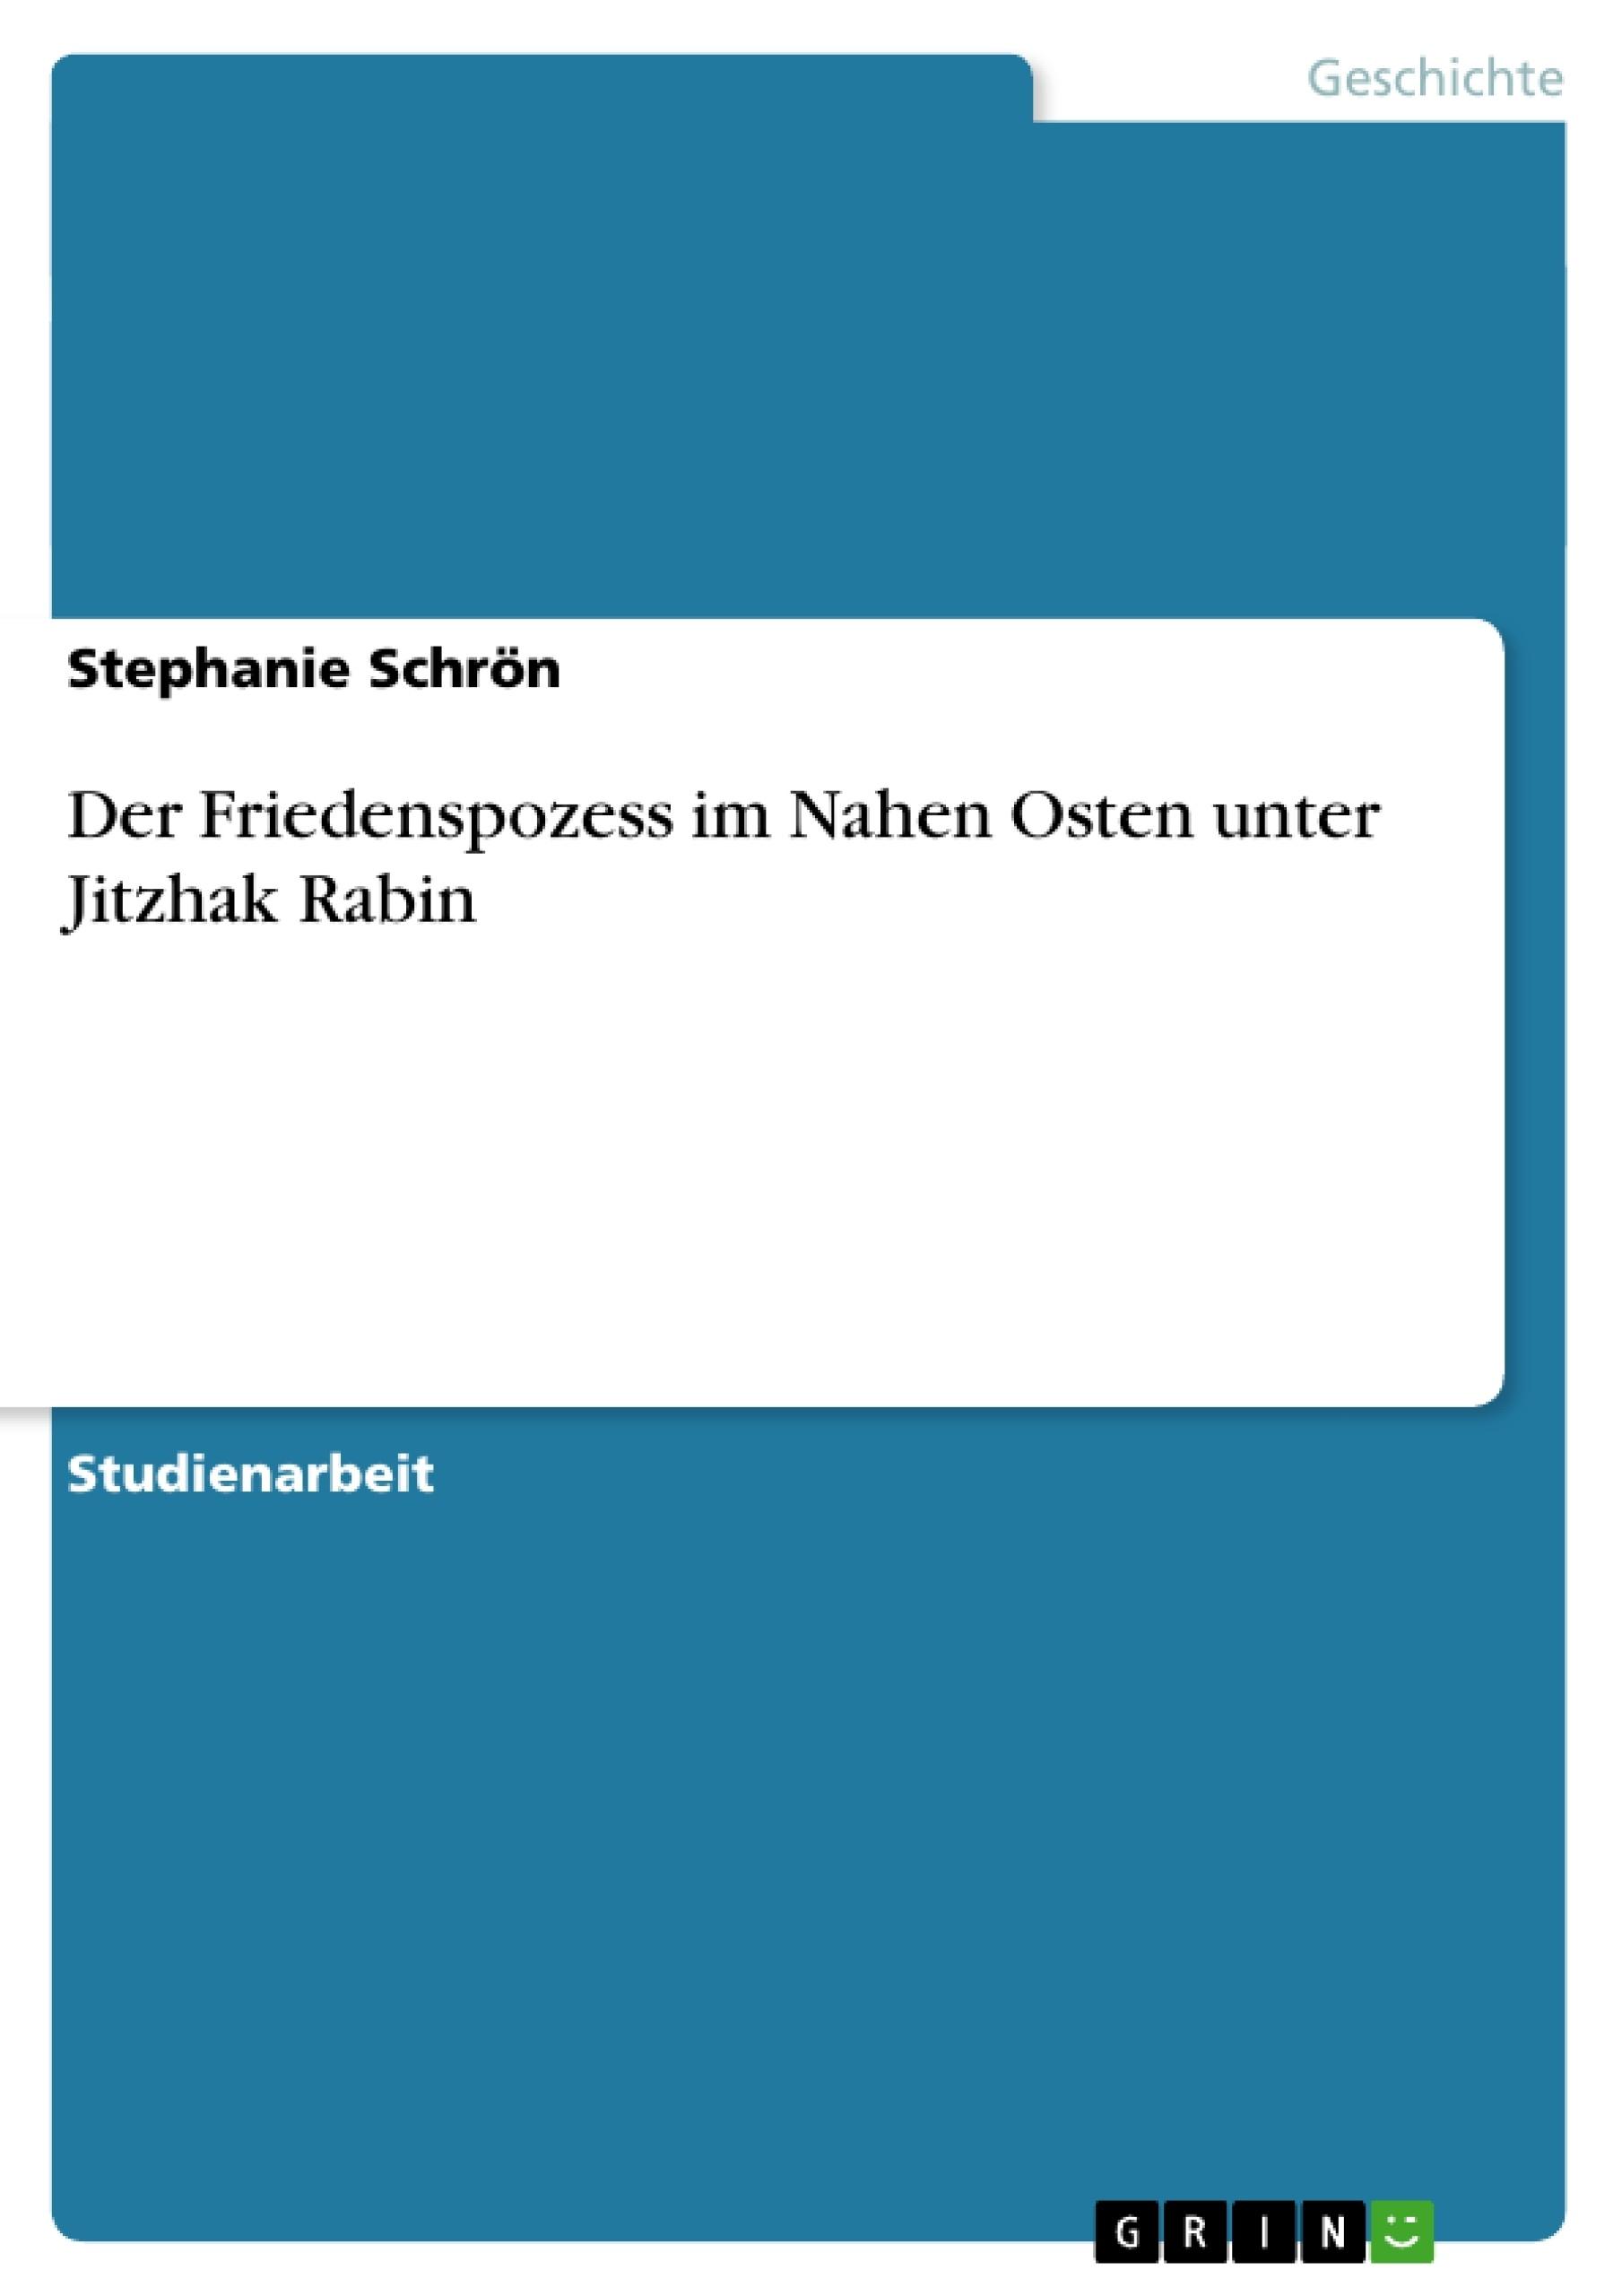 Titel: Der Friedenspozess im Nahen Osten unter Jitzhak Rabin